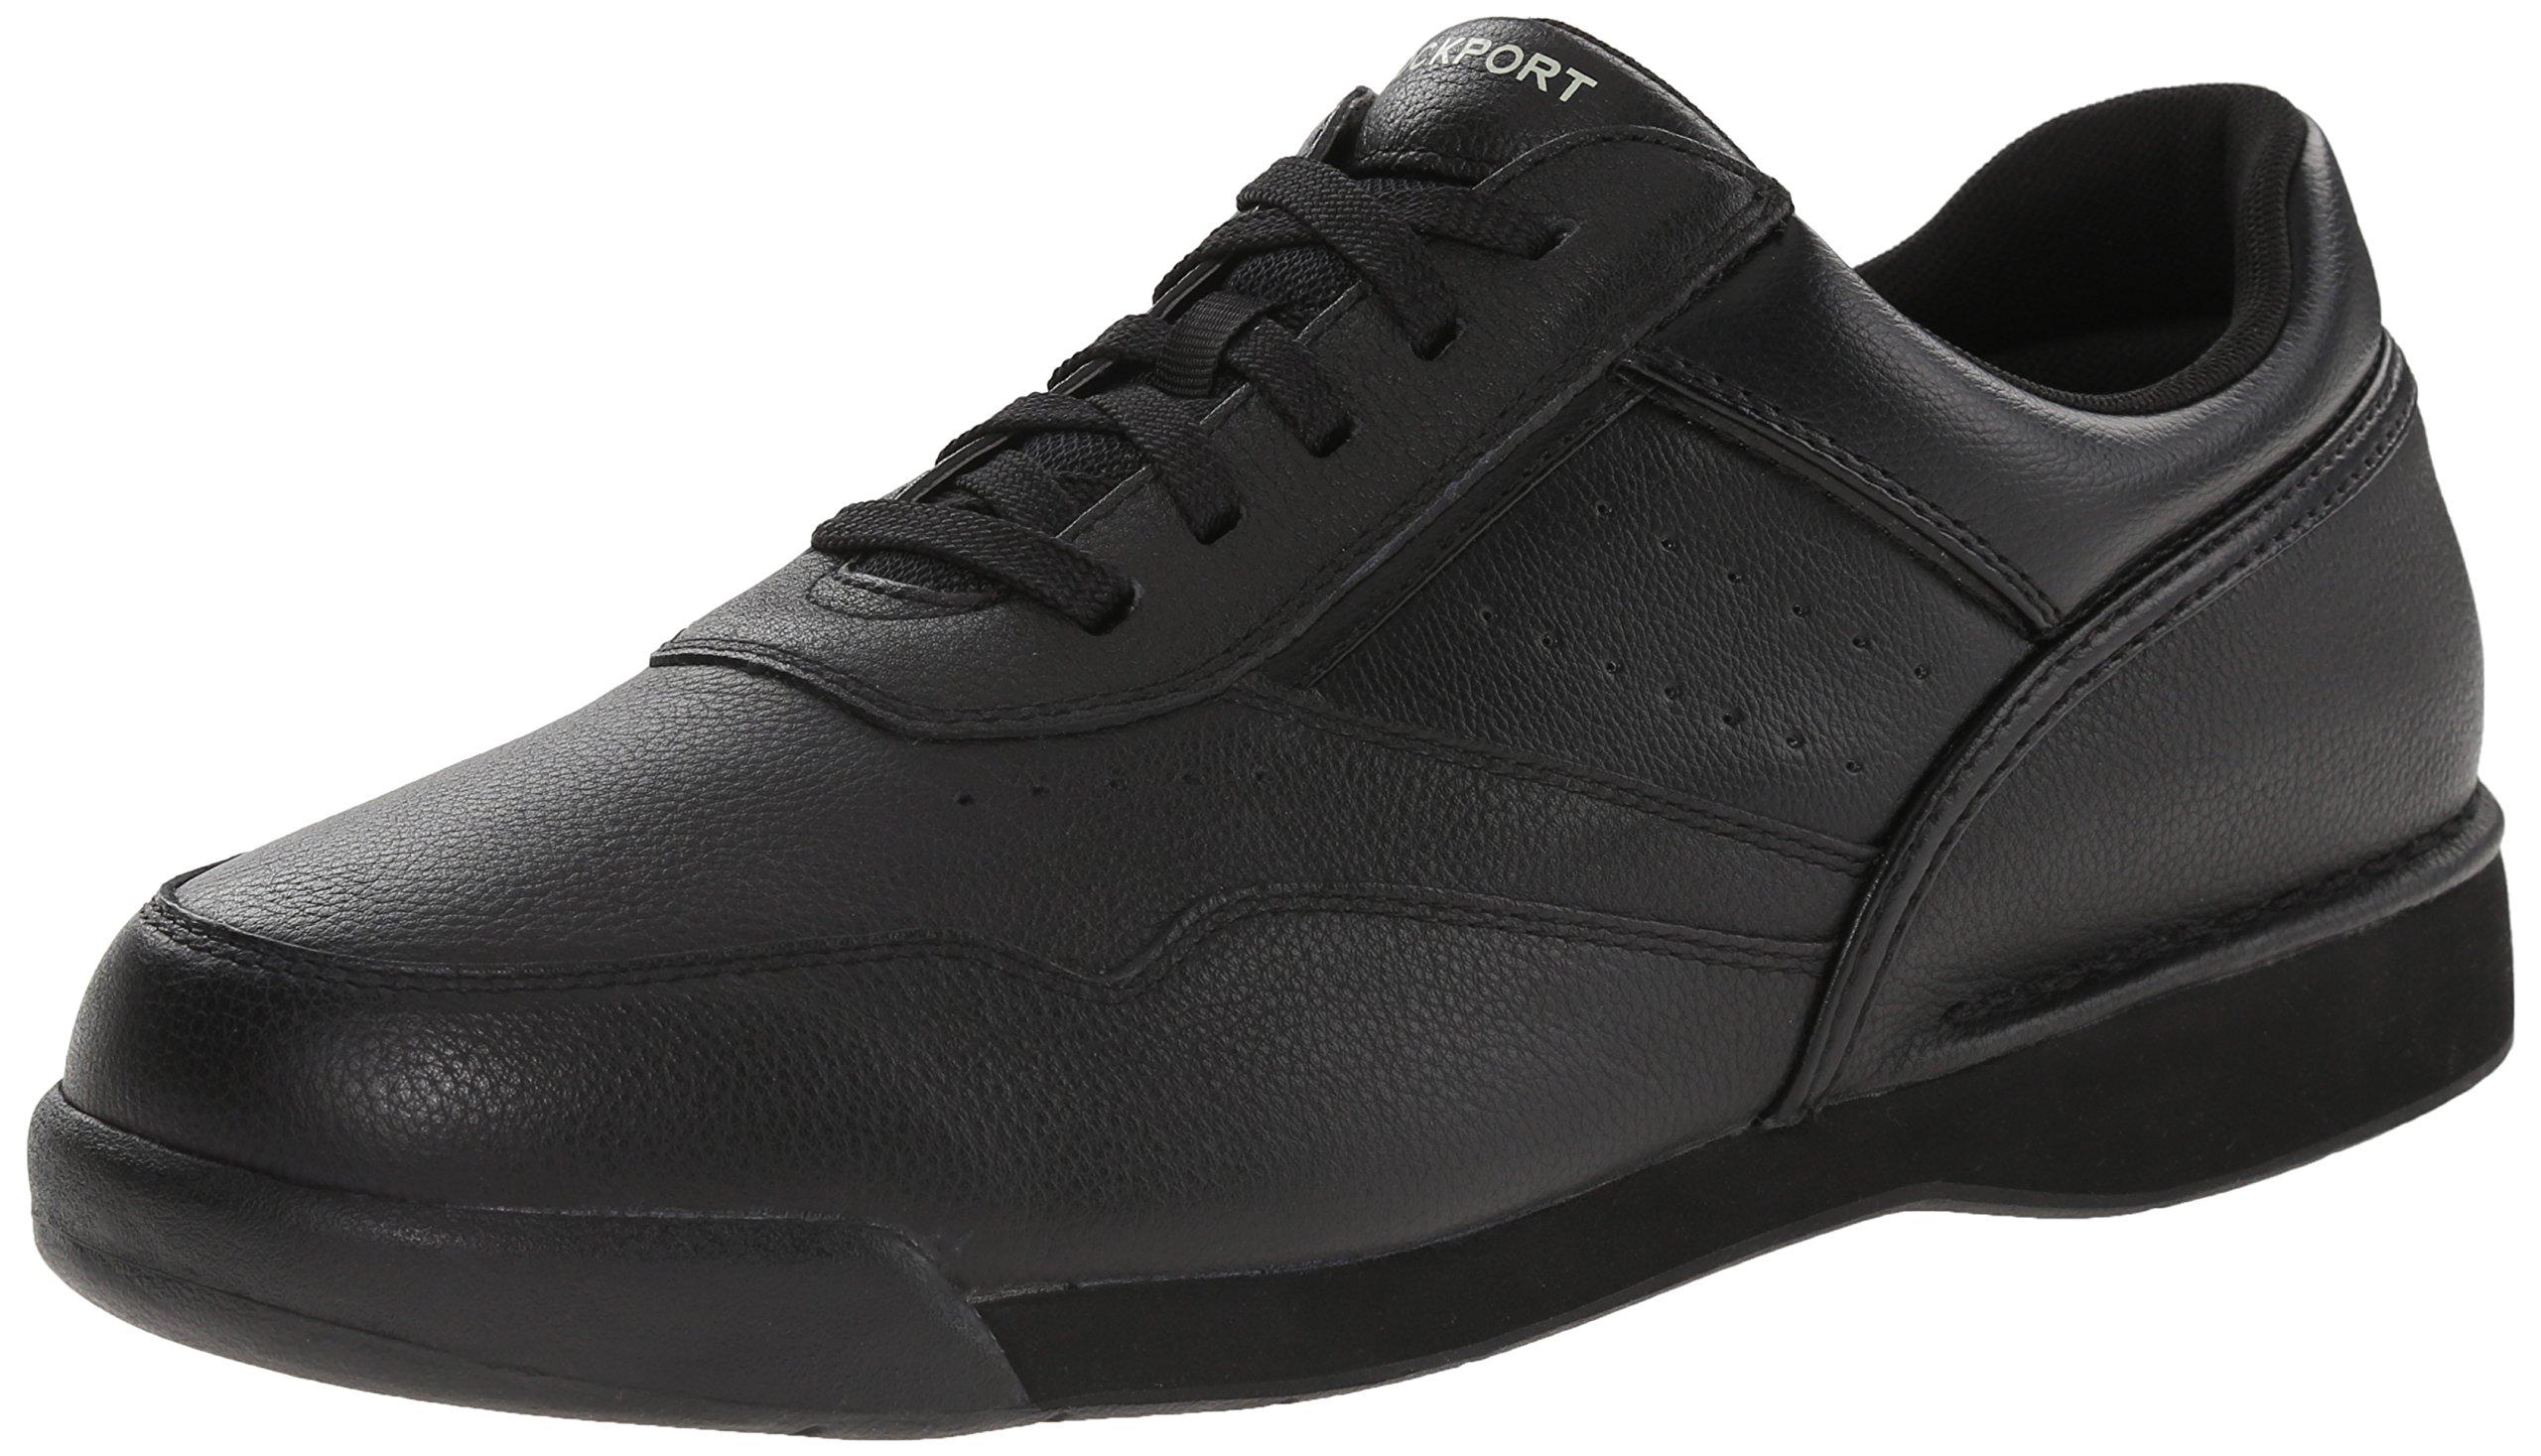 Rockport Men's M7100 Pro Walker Walking Shoe,Black,11 W US by Rockport